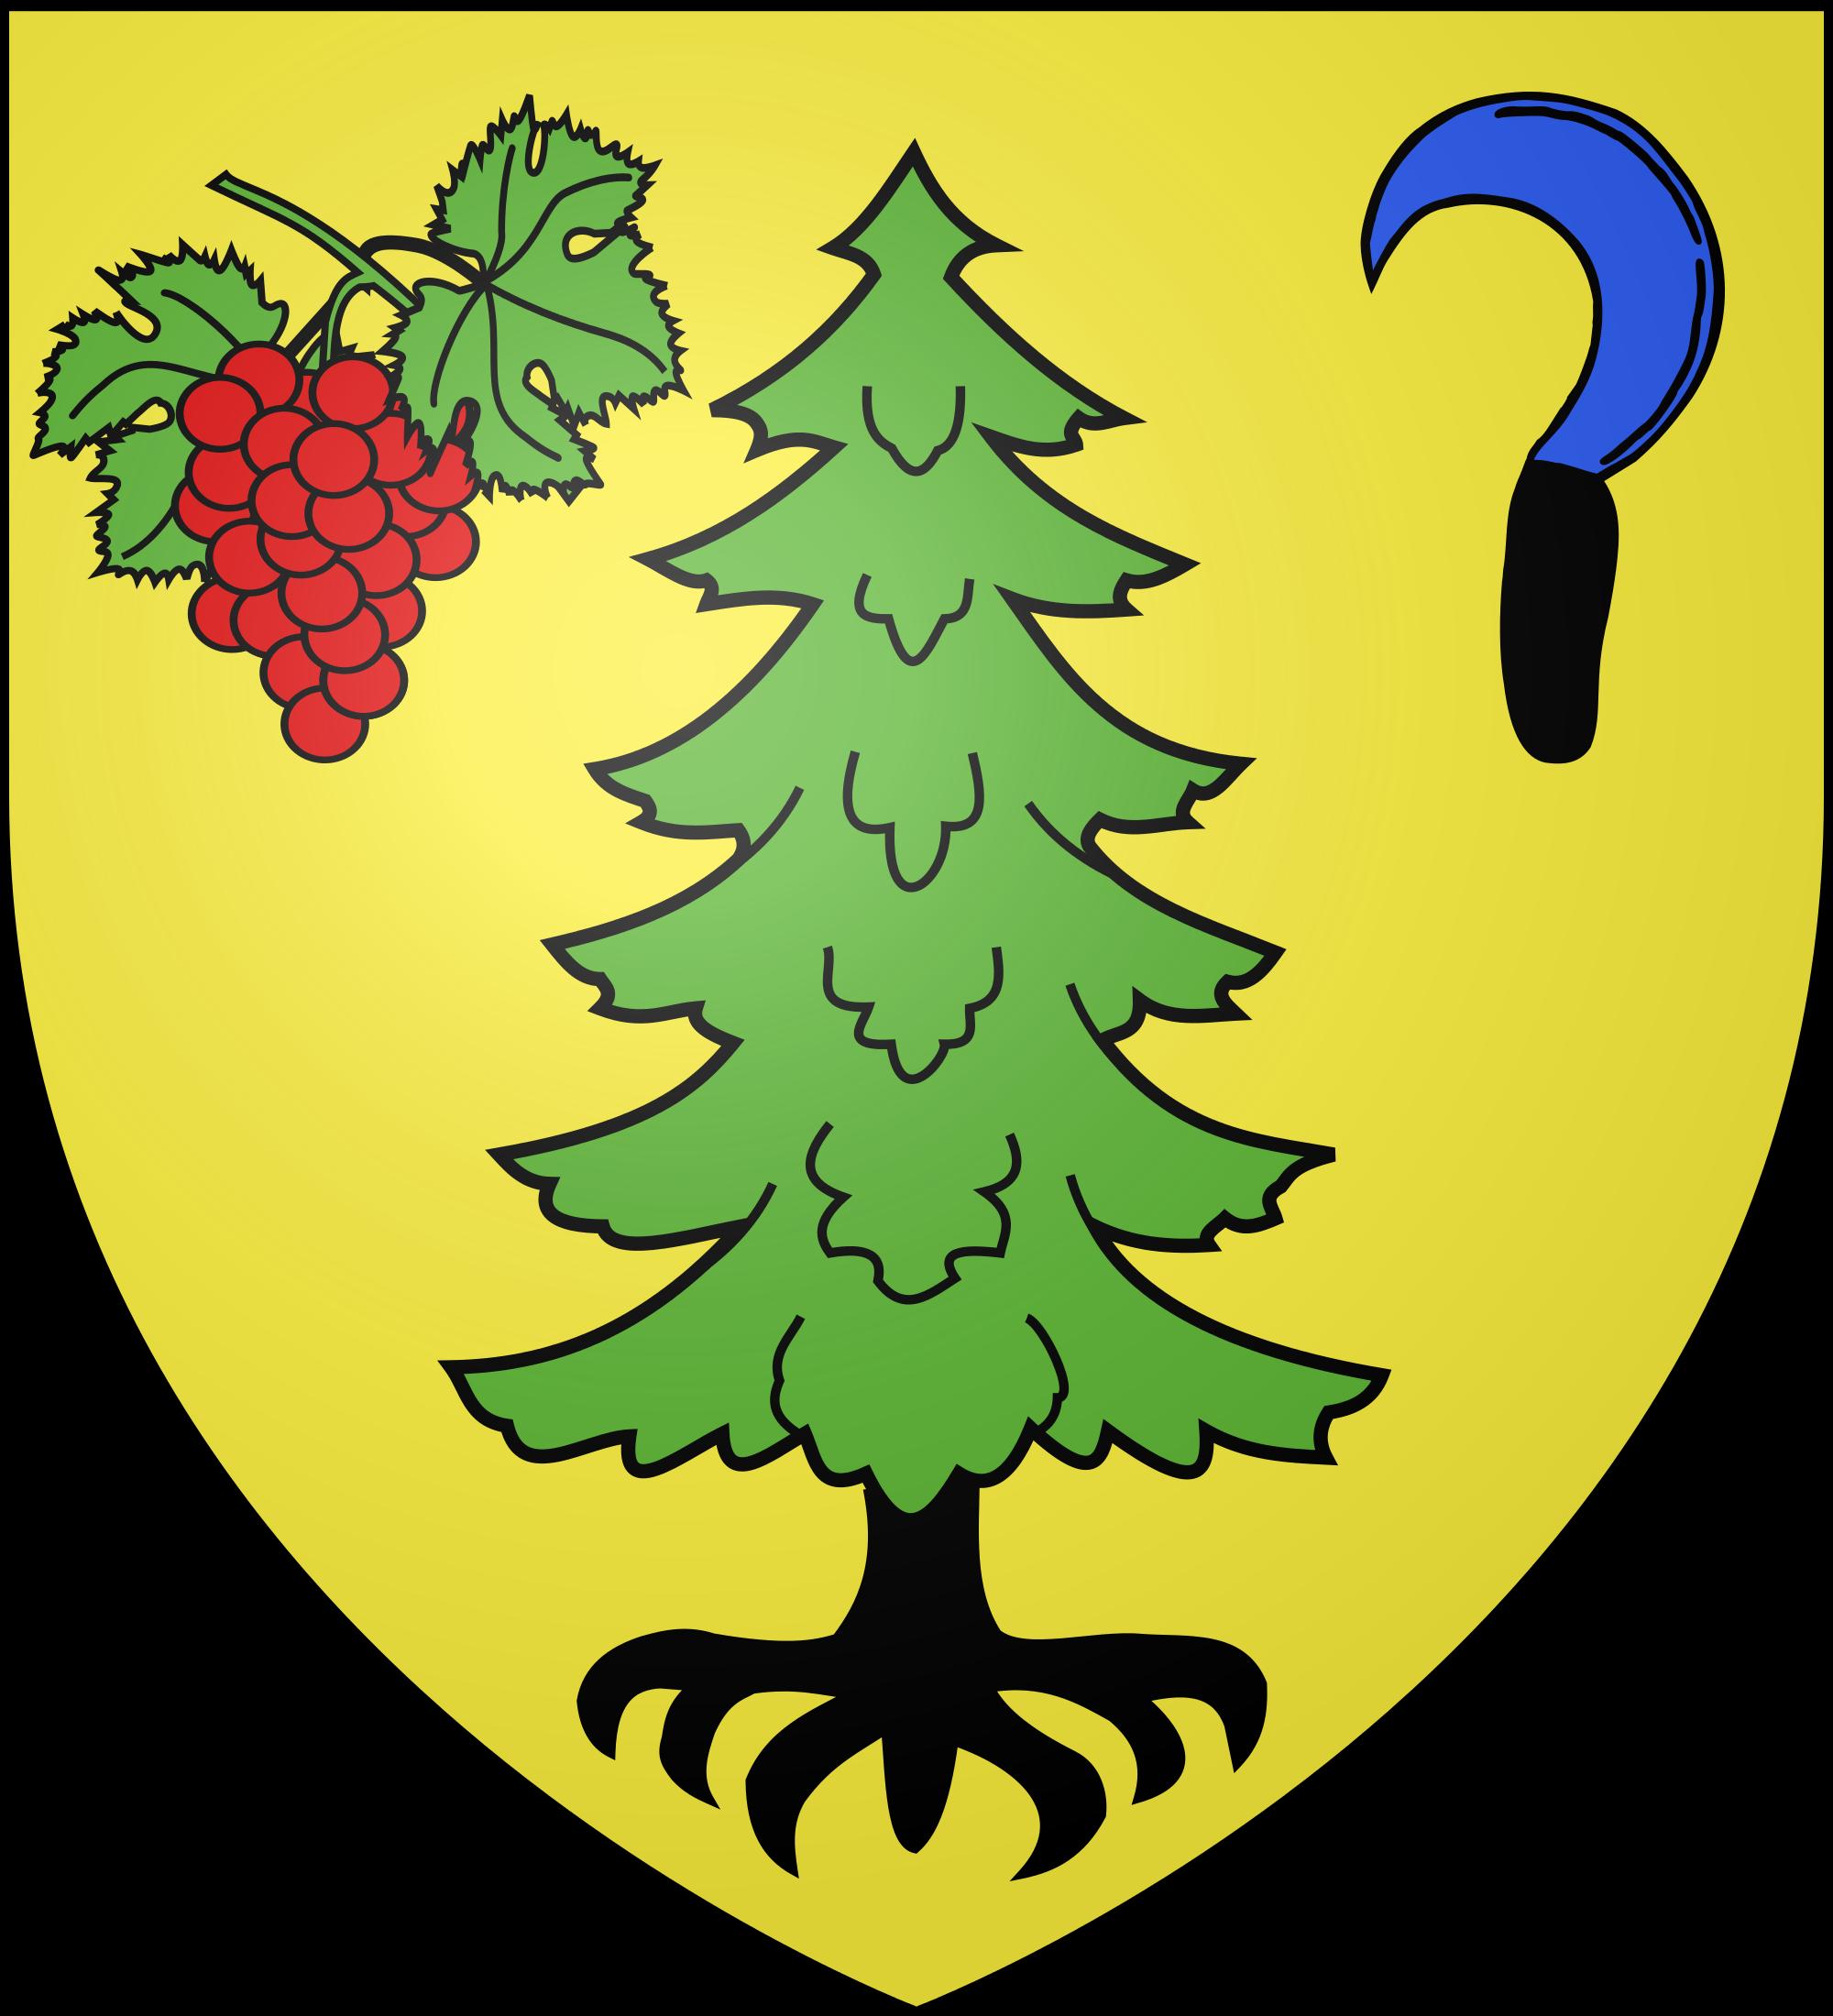 File:Blason de la ville de Steinbach (68).svg.